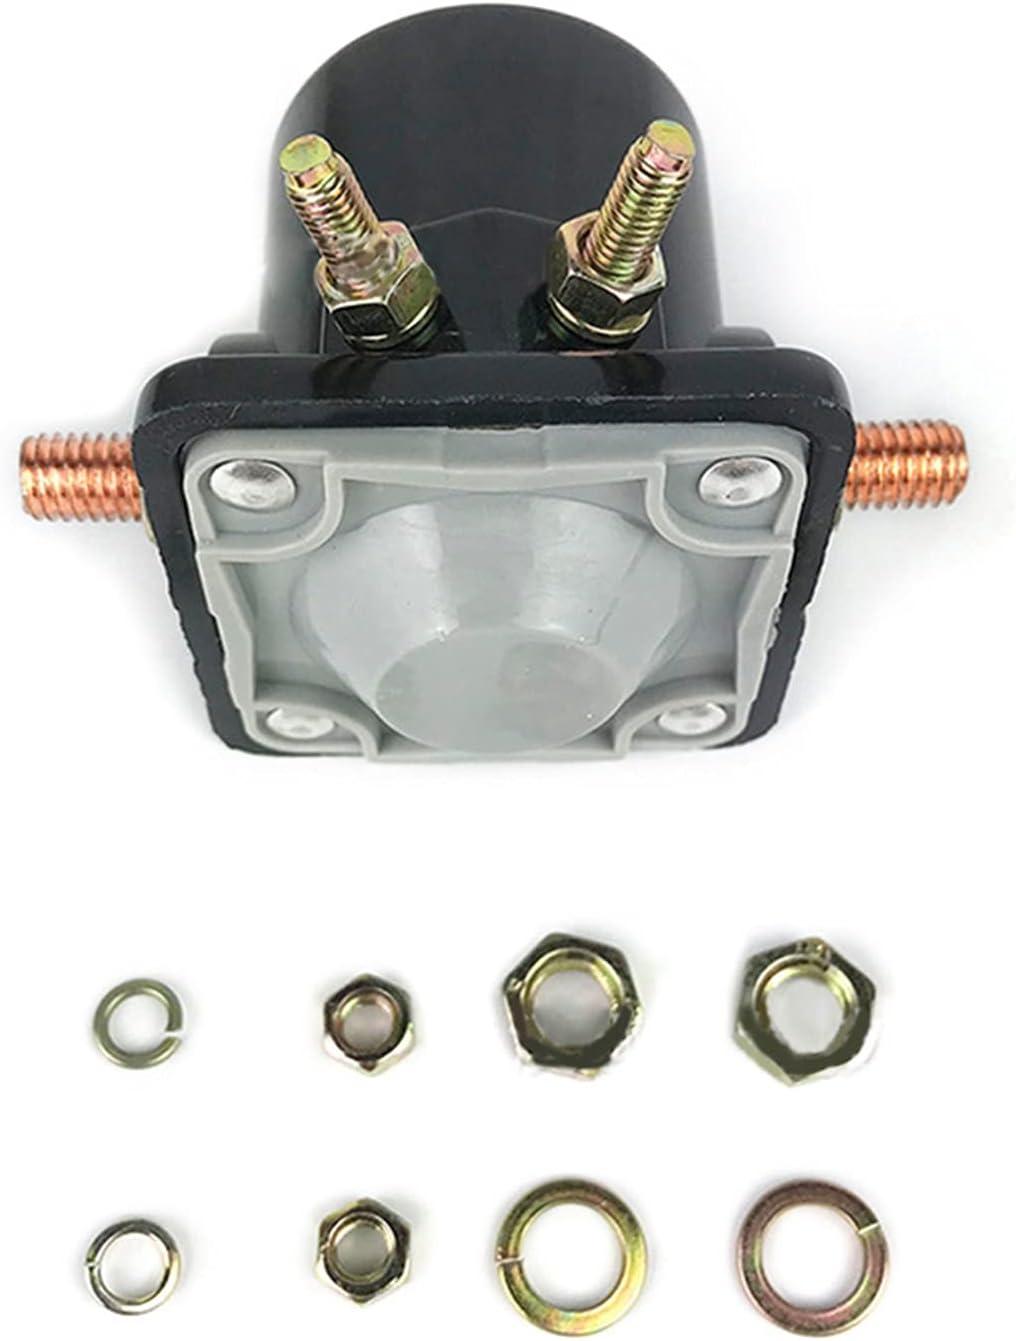 Shutters Interruptor de relé de solenoide de Inicio de 12V Compatible con Johnson -OV Evinrude Outboard Motor Reemplazar Fit para 383622 395419 582708 (Color : Reds)